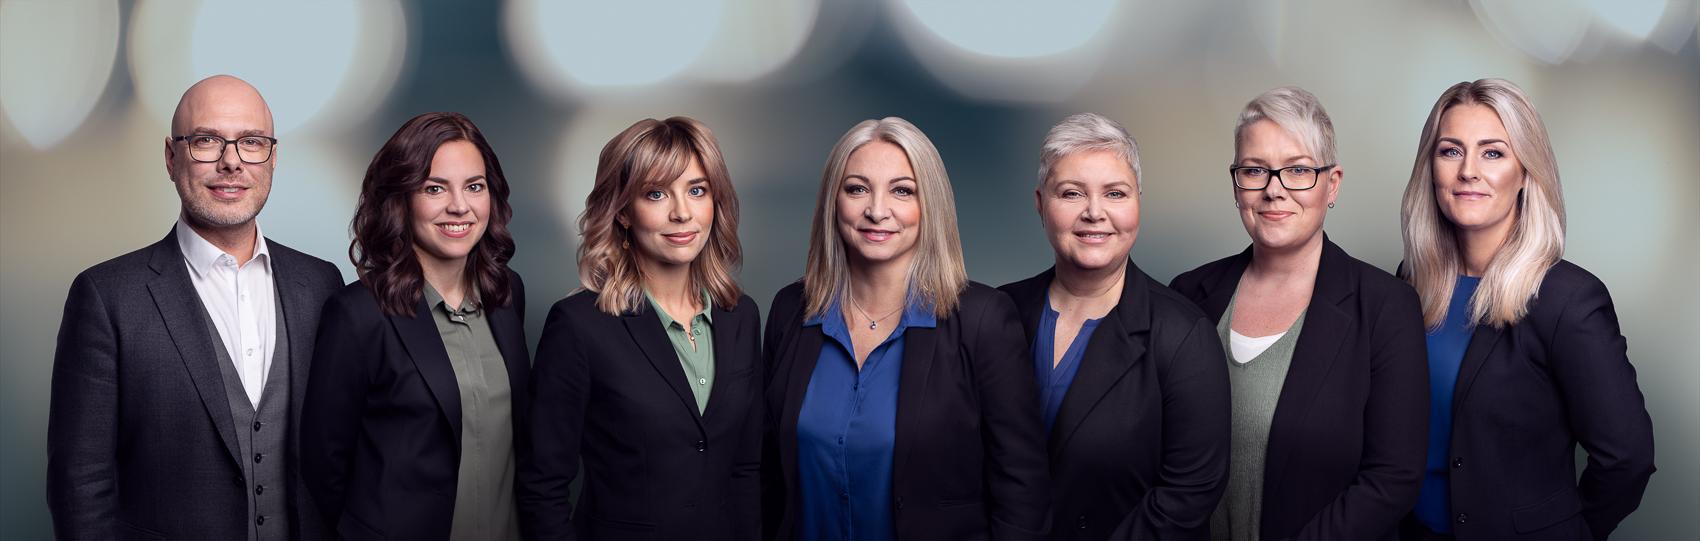 Gruppbild på personalen på Nylanders Begravningsbyrå, med en grön blå ton i bilden